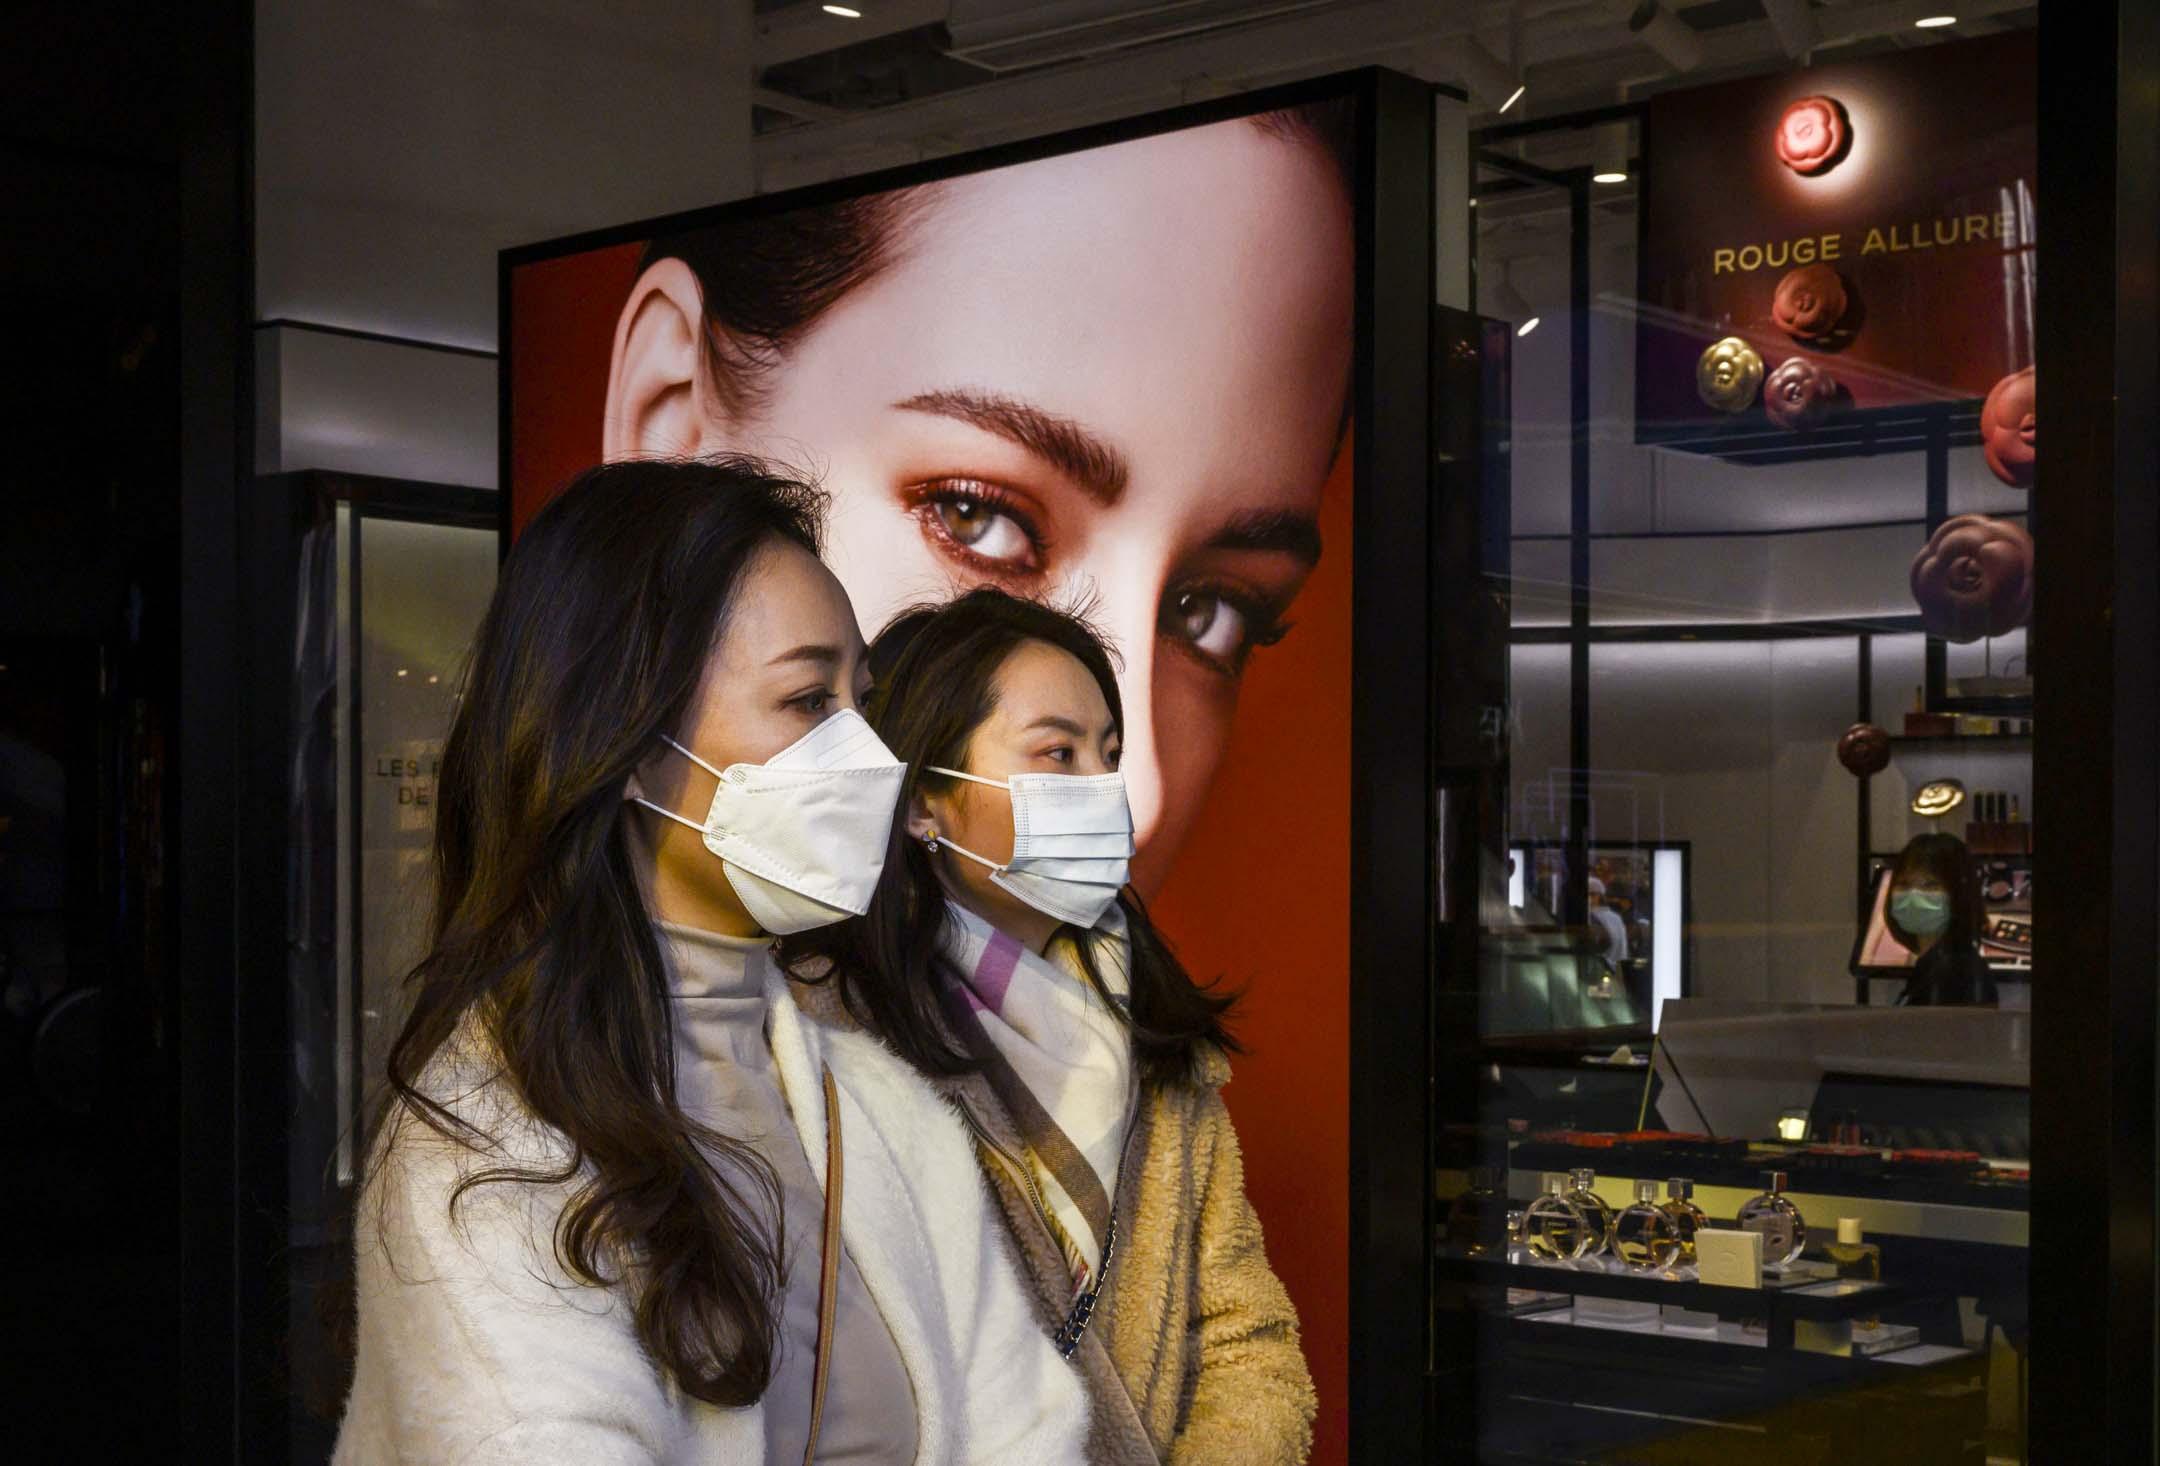 2020年3月10日,北京三里屯,兩名戴著防護口罩的女士路過一家奢侈品店。 攝:Kevin Frayer/Getty Images